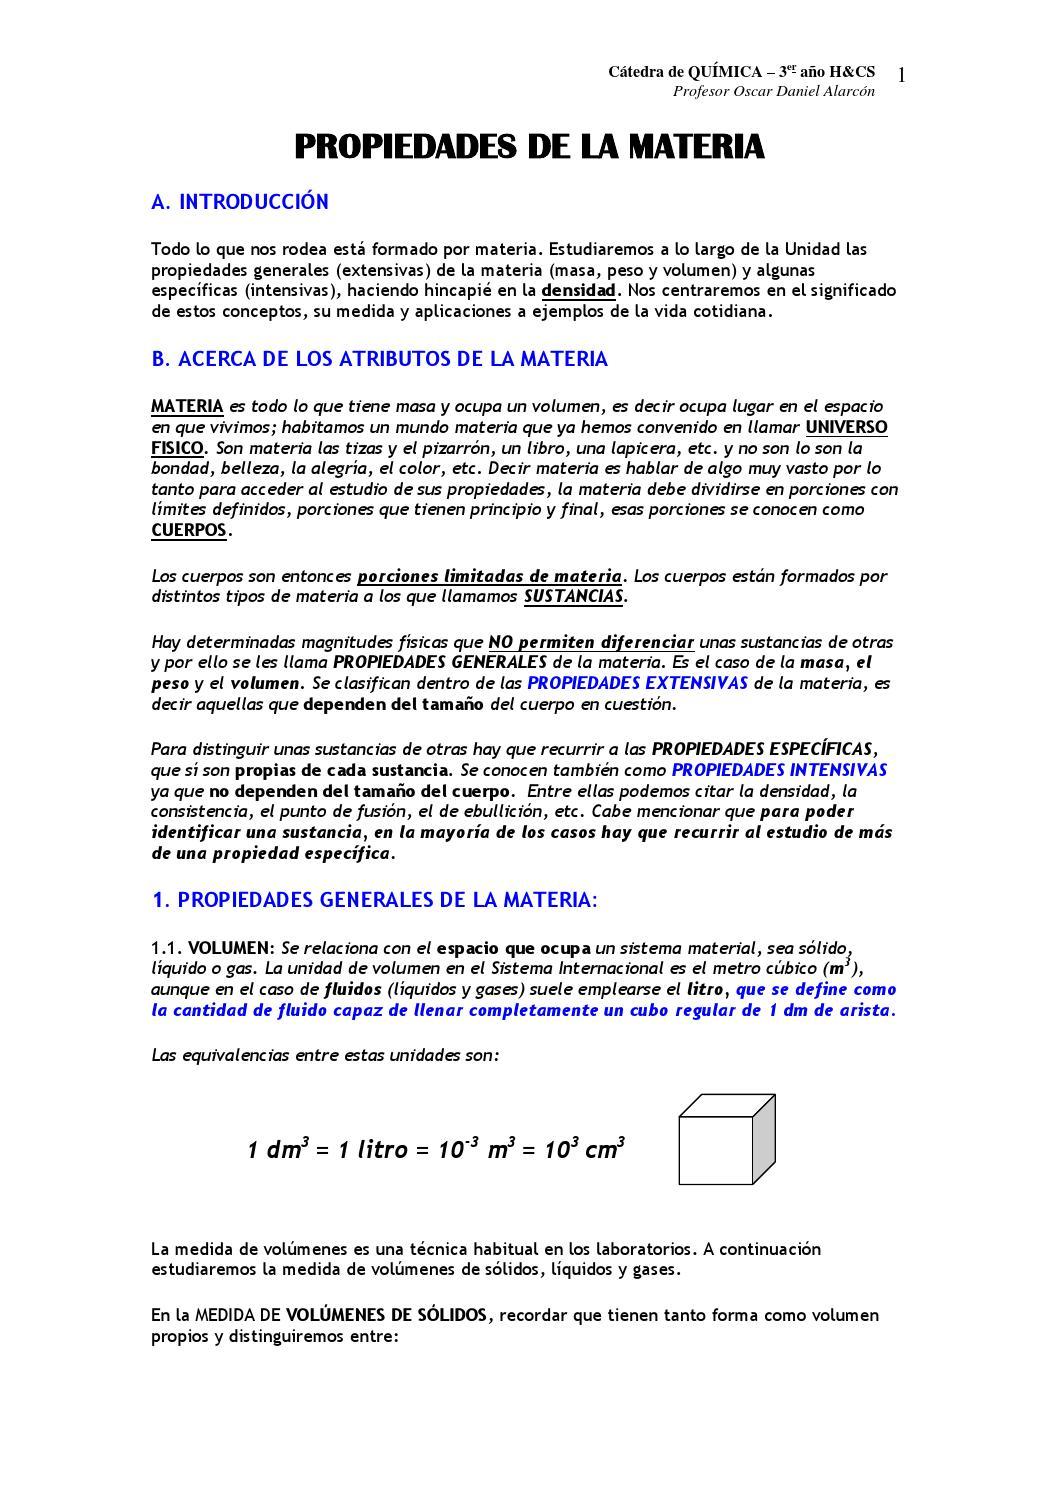 Propiedades de la materia by GERARDO GARCIA - issuu